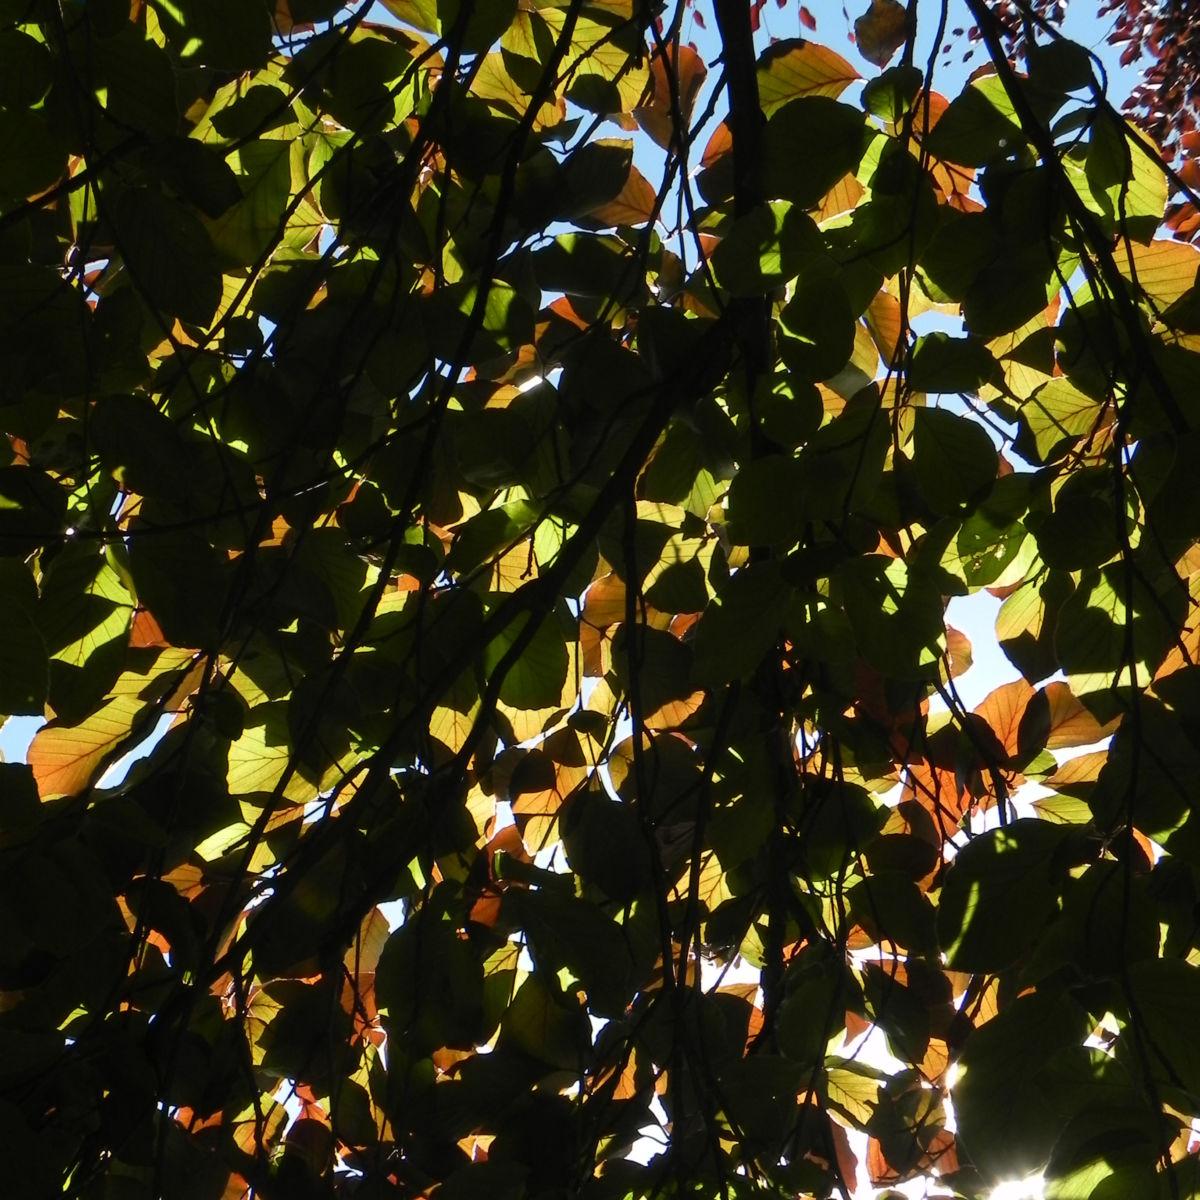 Rot Buche Baum Blatt rot Fagus sylvatica